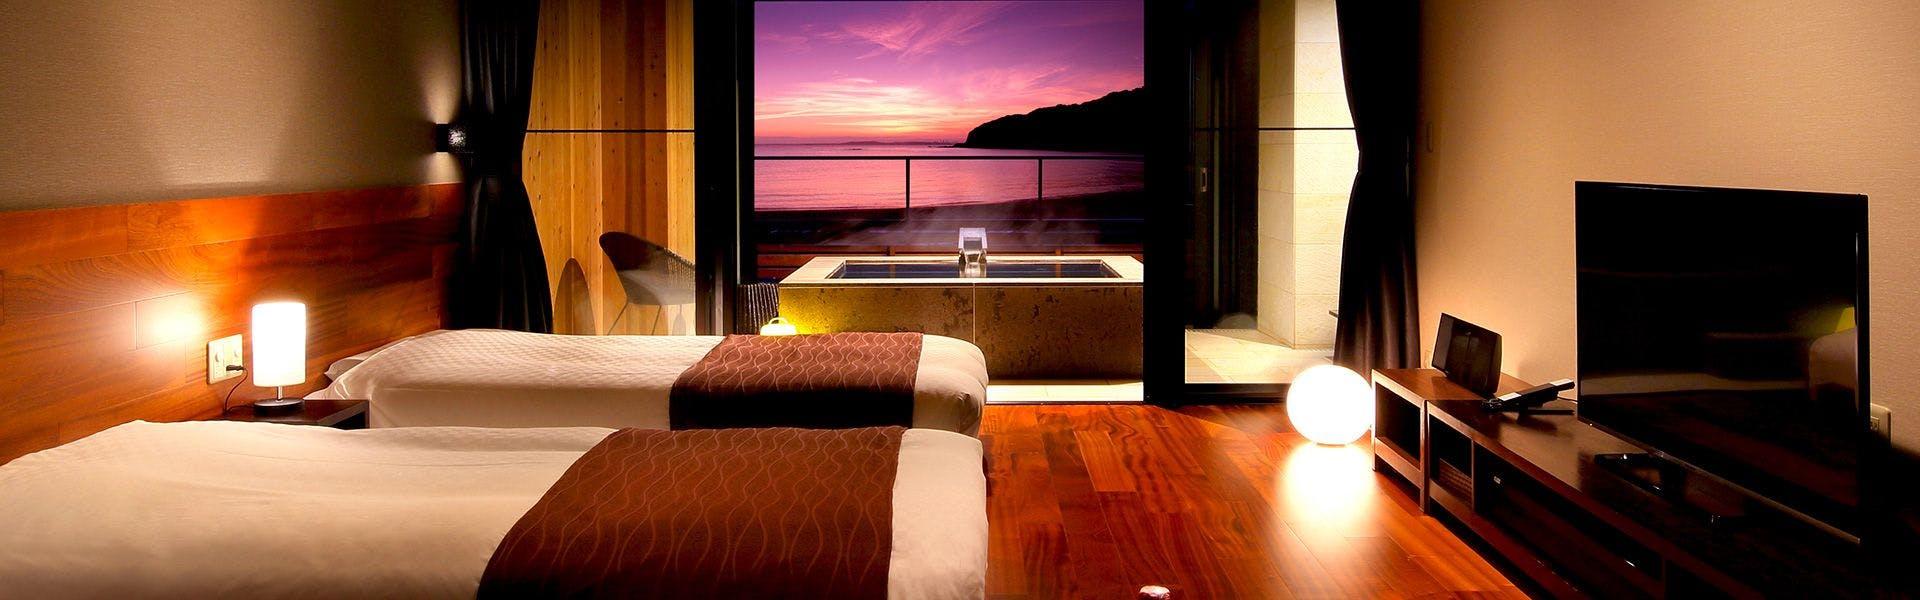 記念日におすすめのホテル・Beachside Onsen Resort ゆうみの写真3